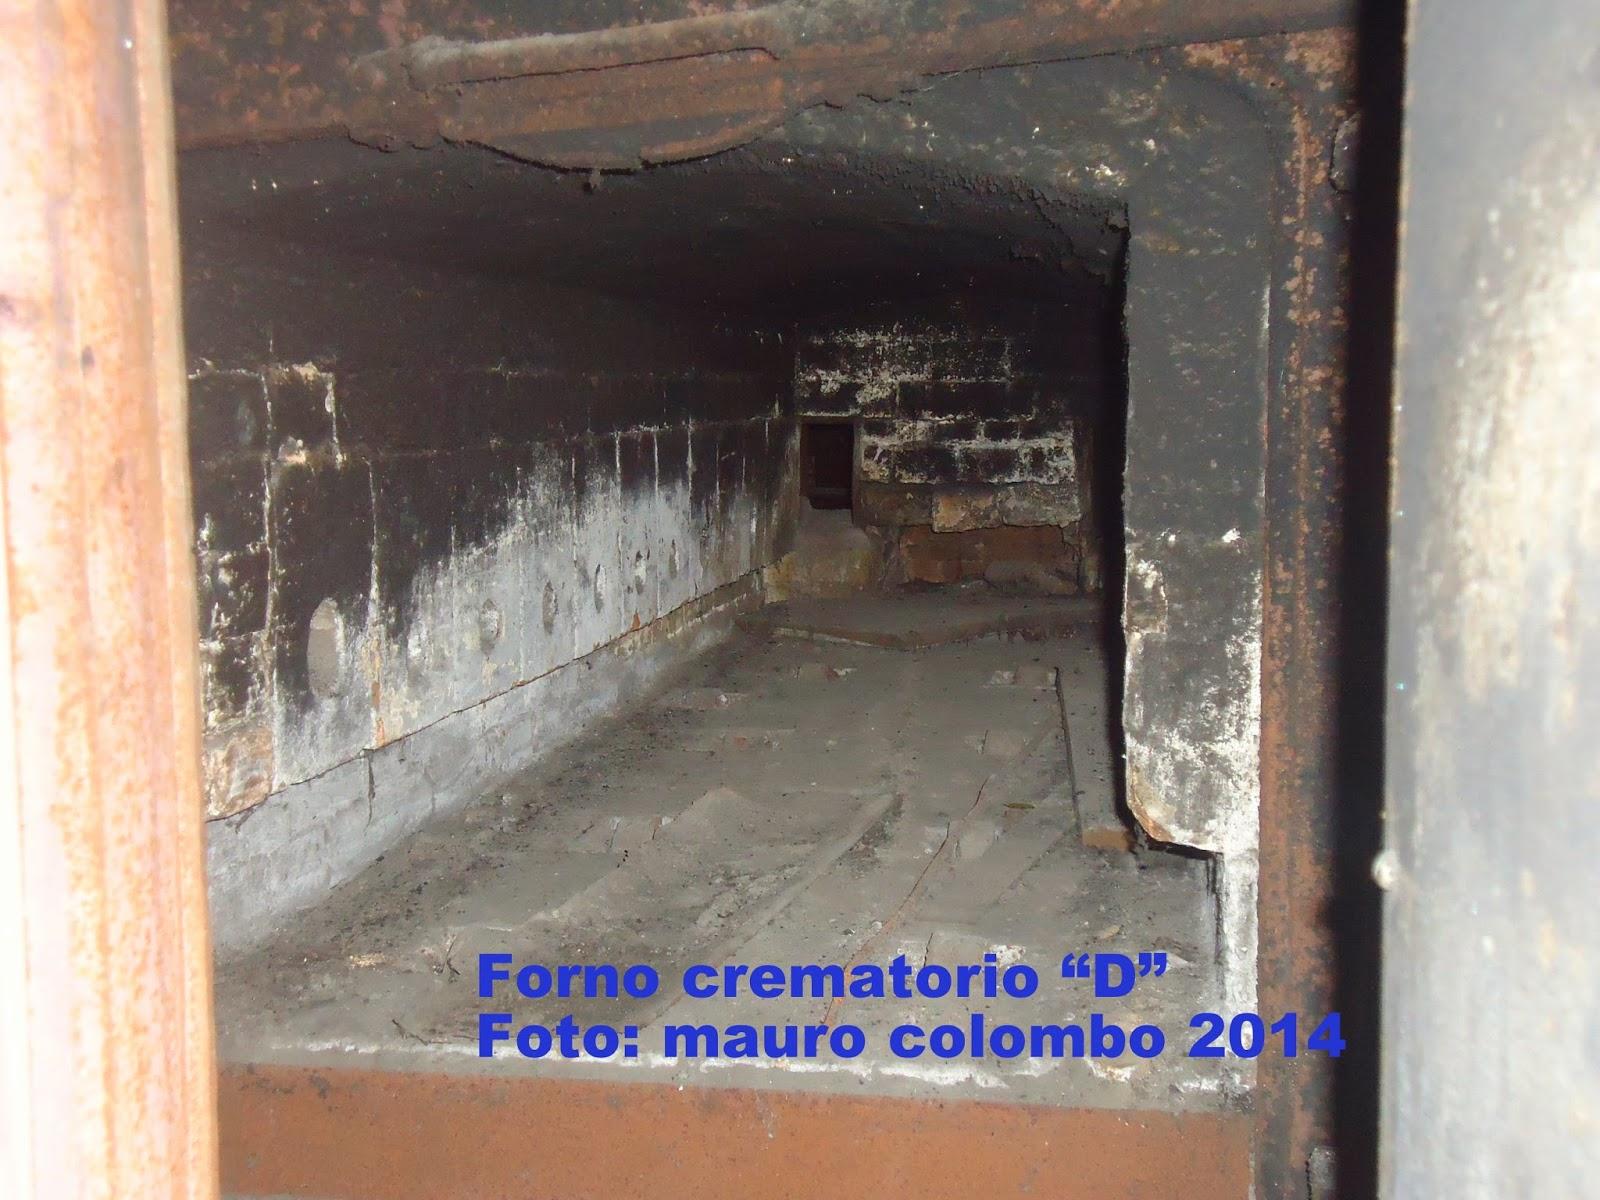 monumentale cimitero forno crematorio